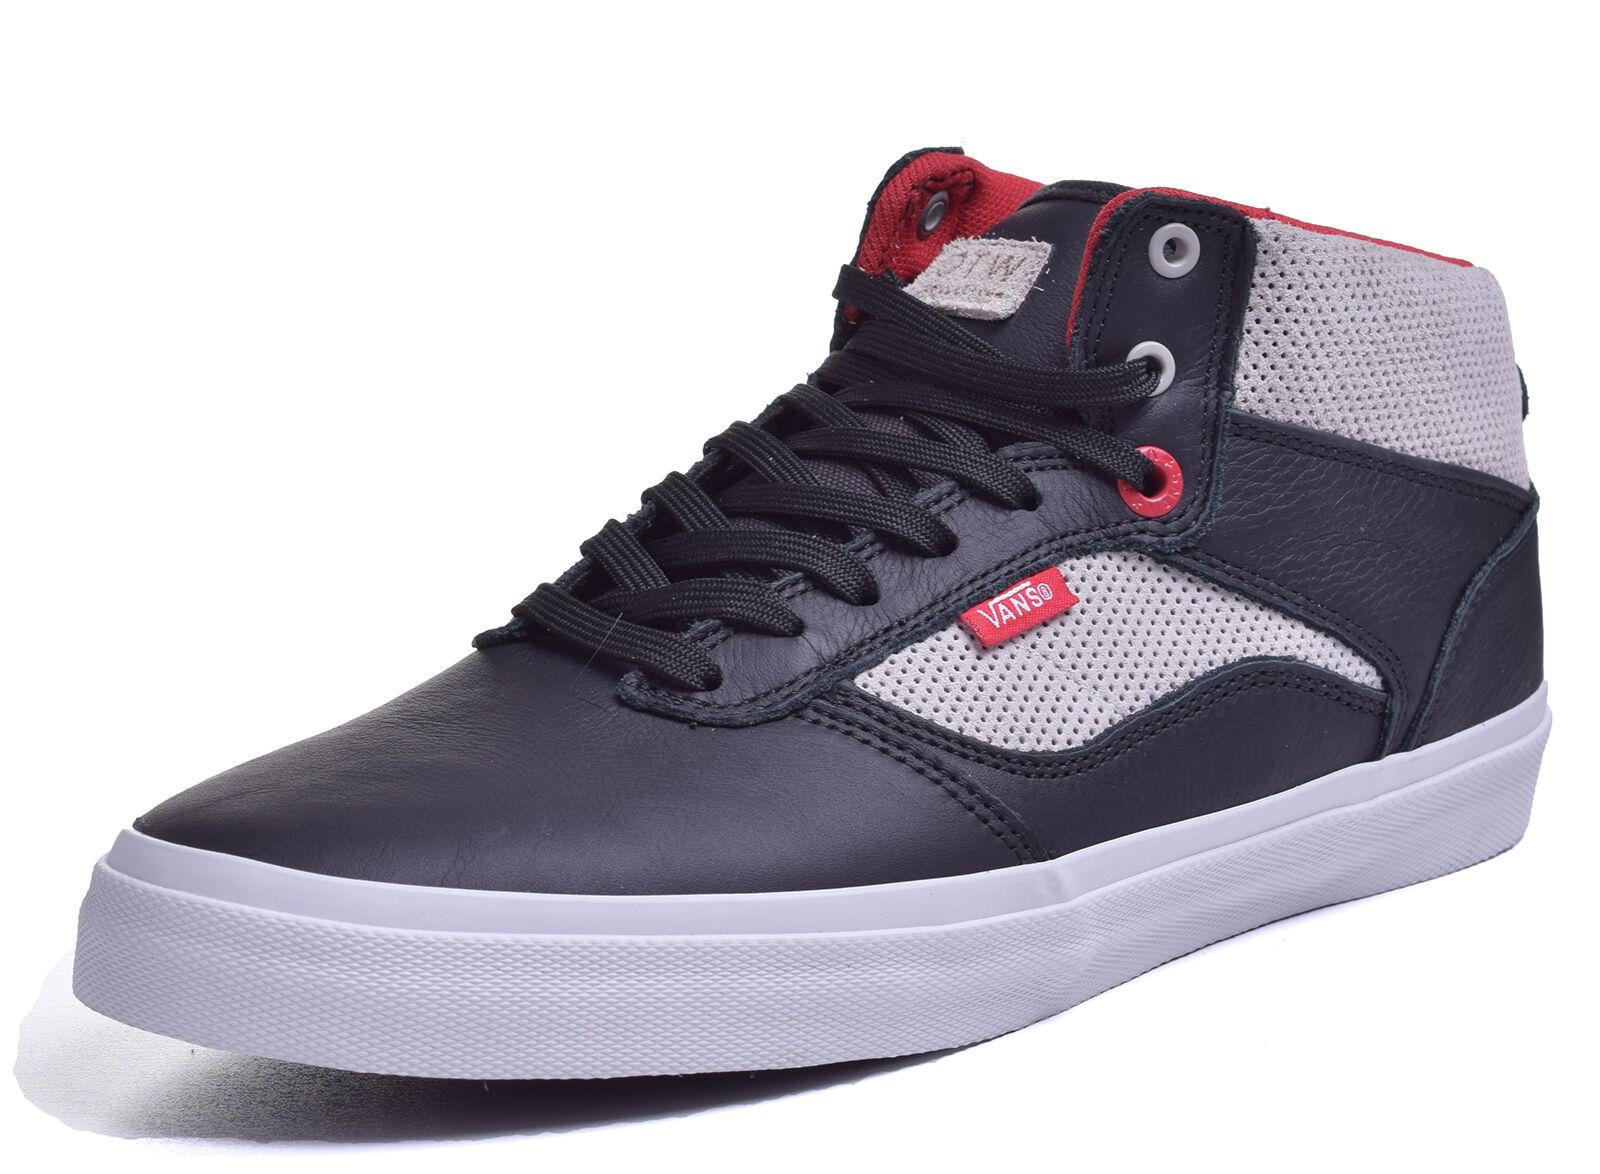 58bd7e1af5480 Vans Men s Bedford Bedford Bedford Midtop LS Black Moon Leather Sk8 Shoes  Size 13 8056d8